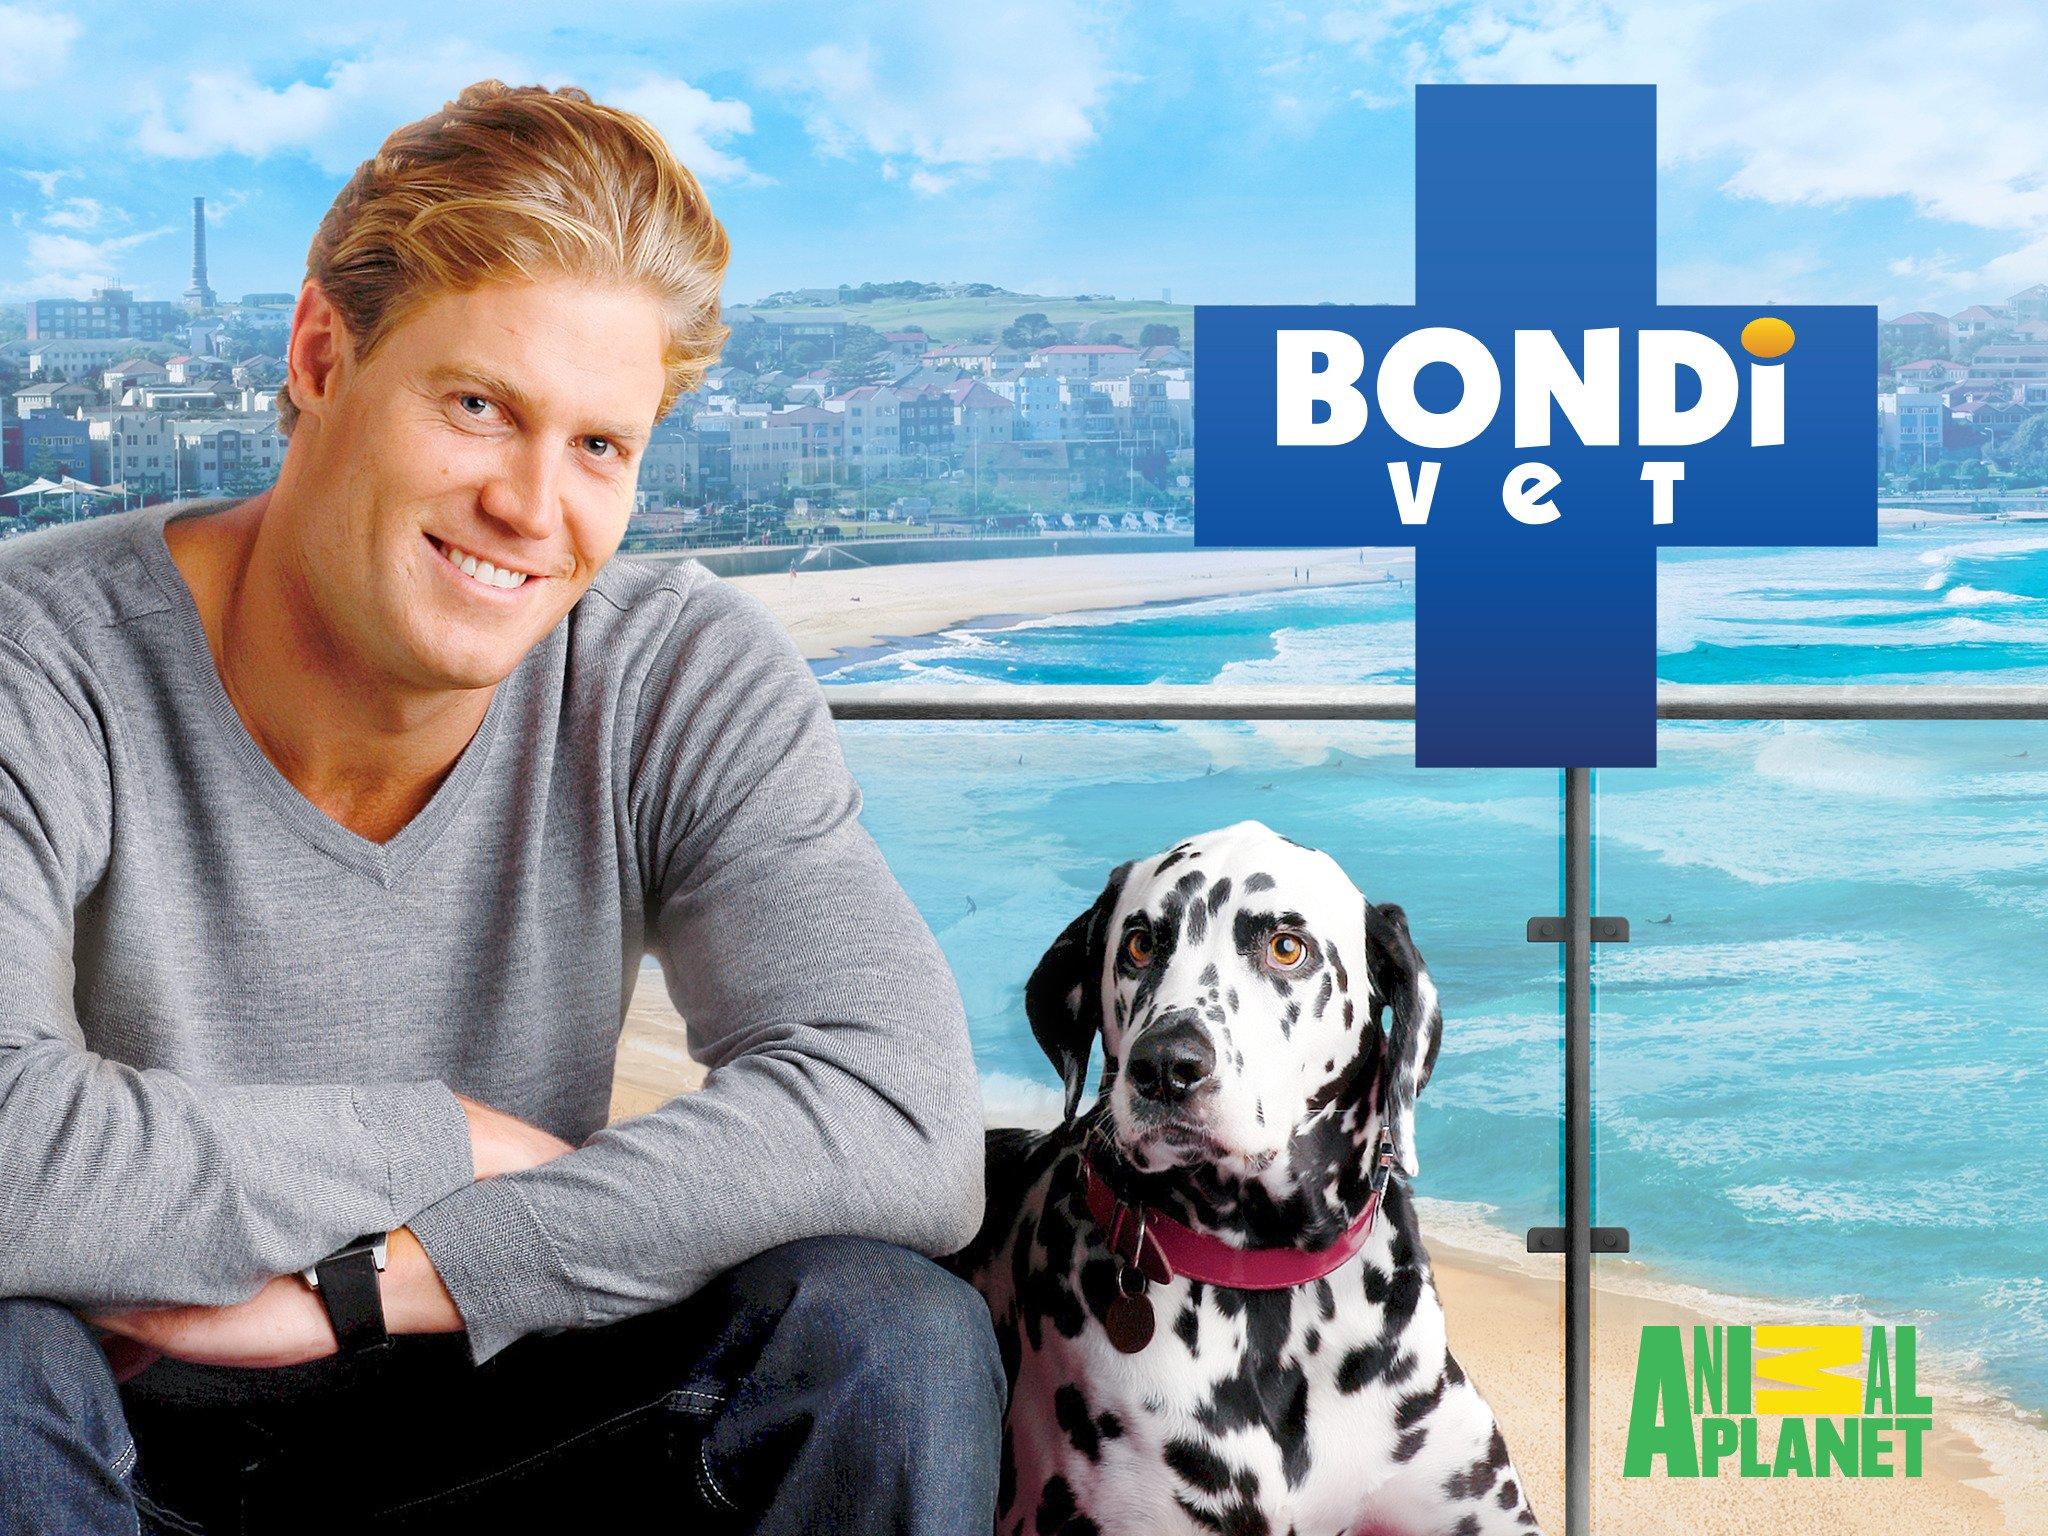 Watch Bondi Vet Season 1 Prime Video